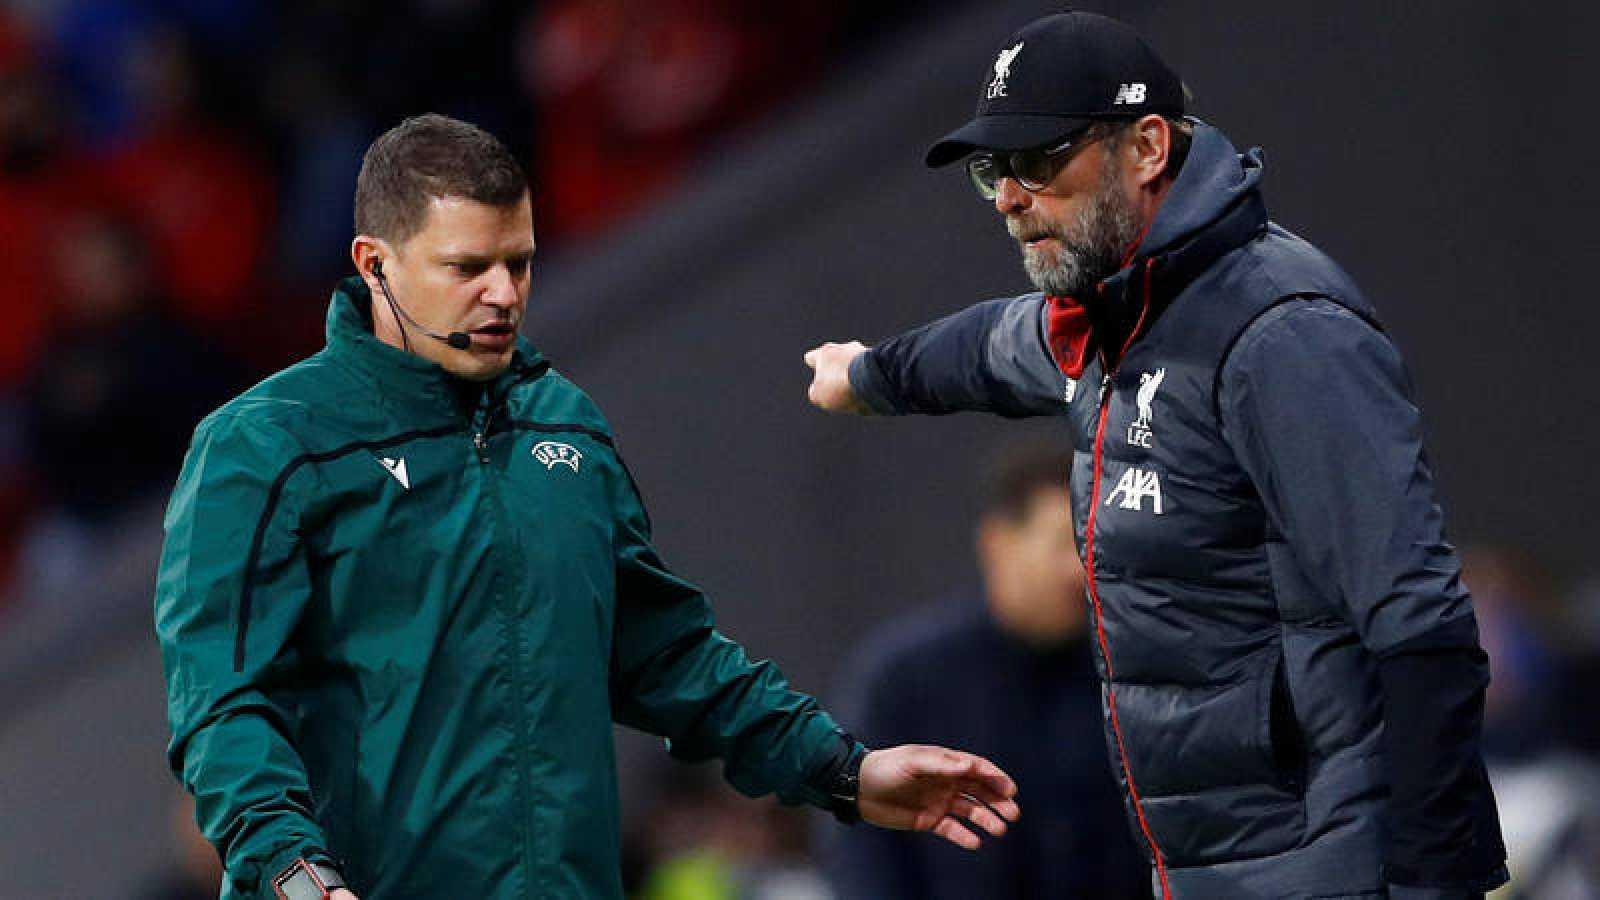 El entrenador del Liverpool, Jurgen Klopp, protesta al cuarto árbitro en el partido contra el Atlético de Madrid.